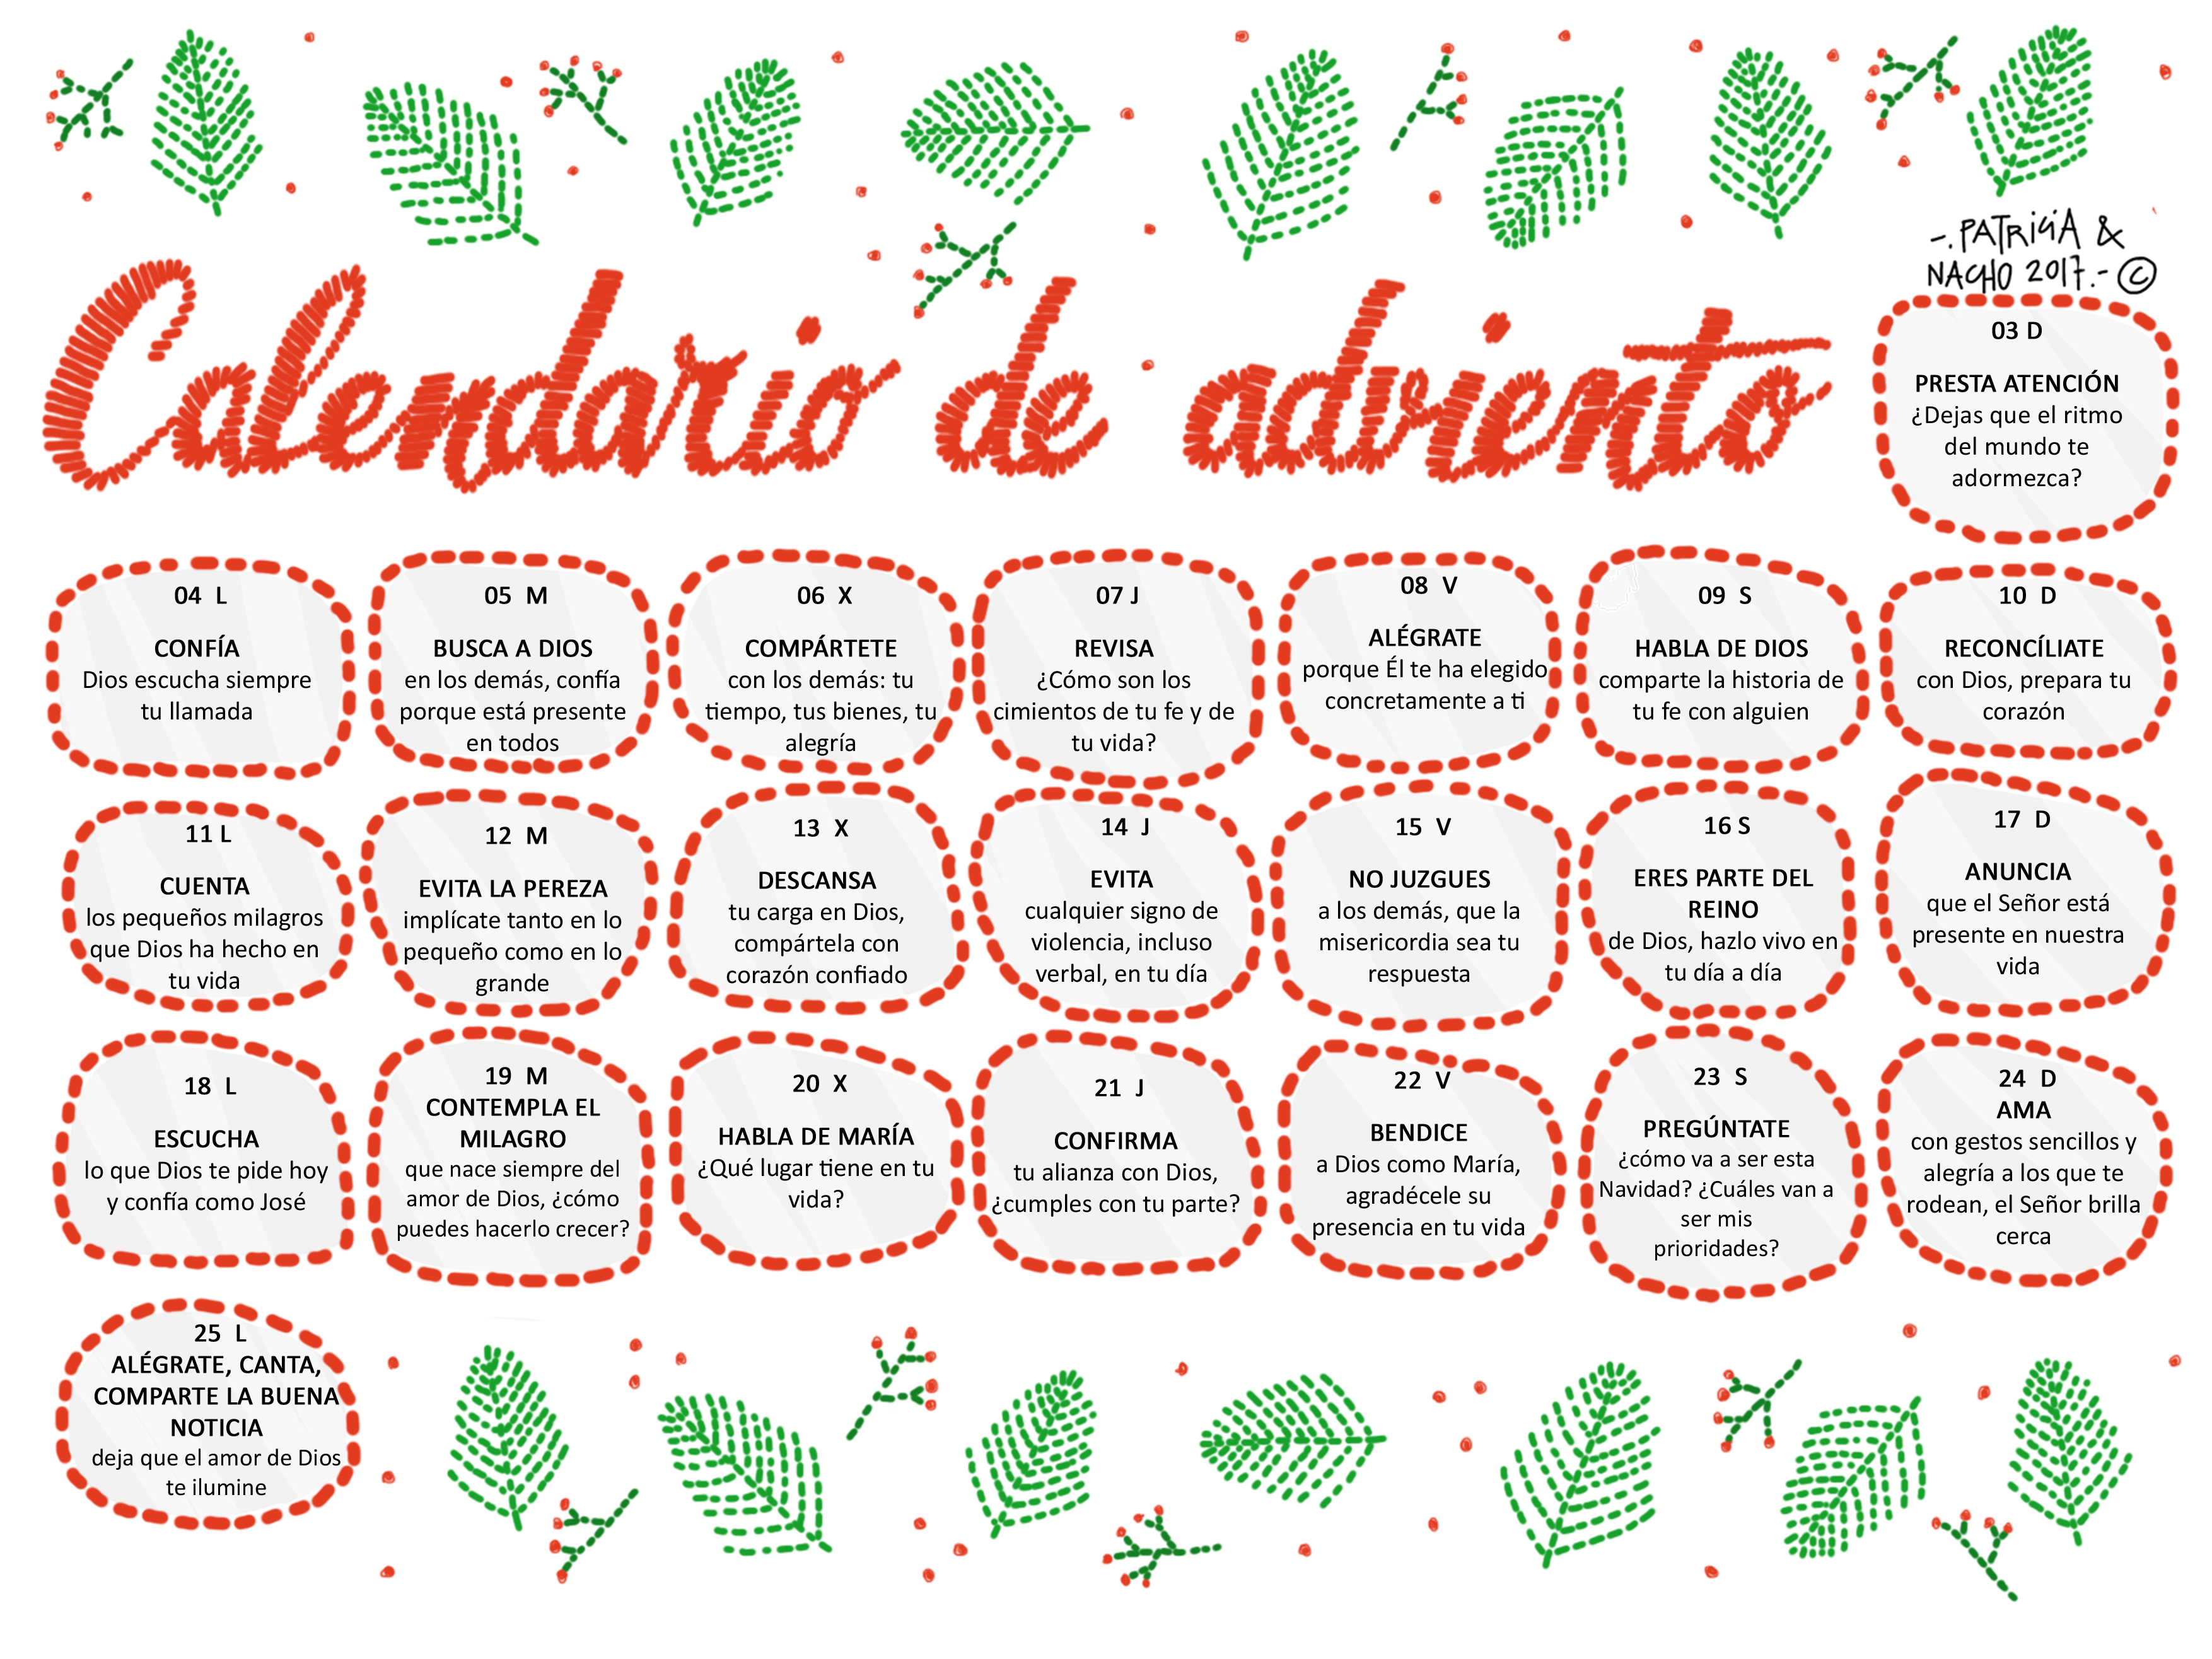 calendario de adviento 2017 odres nuevos ForCalendario Adviento 2017